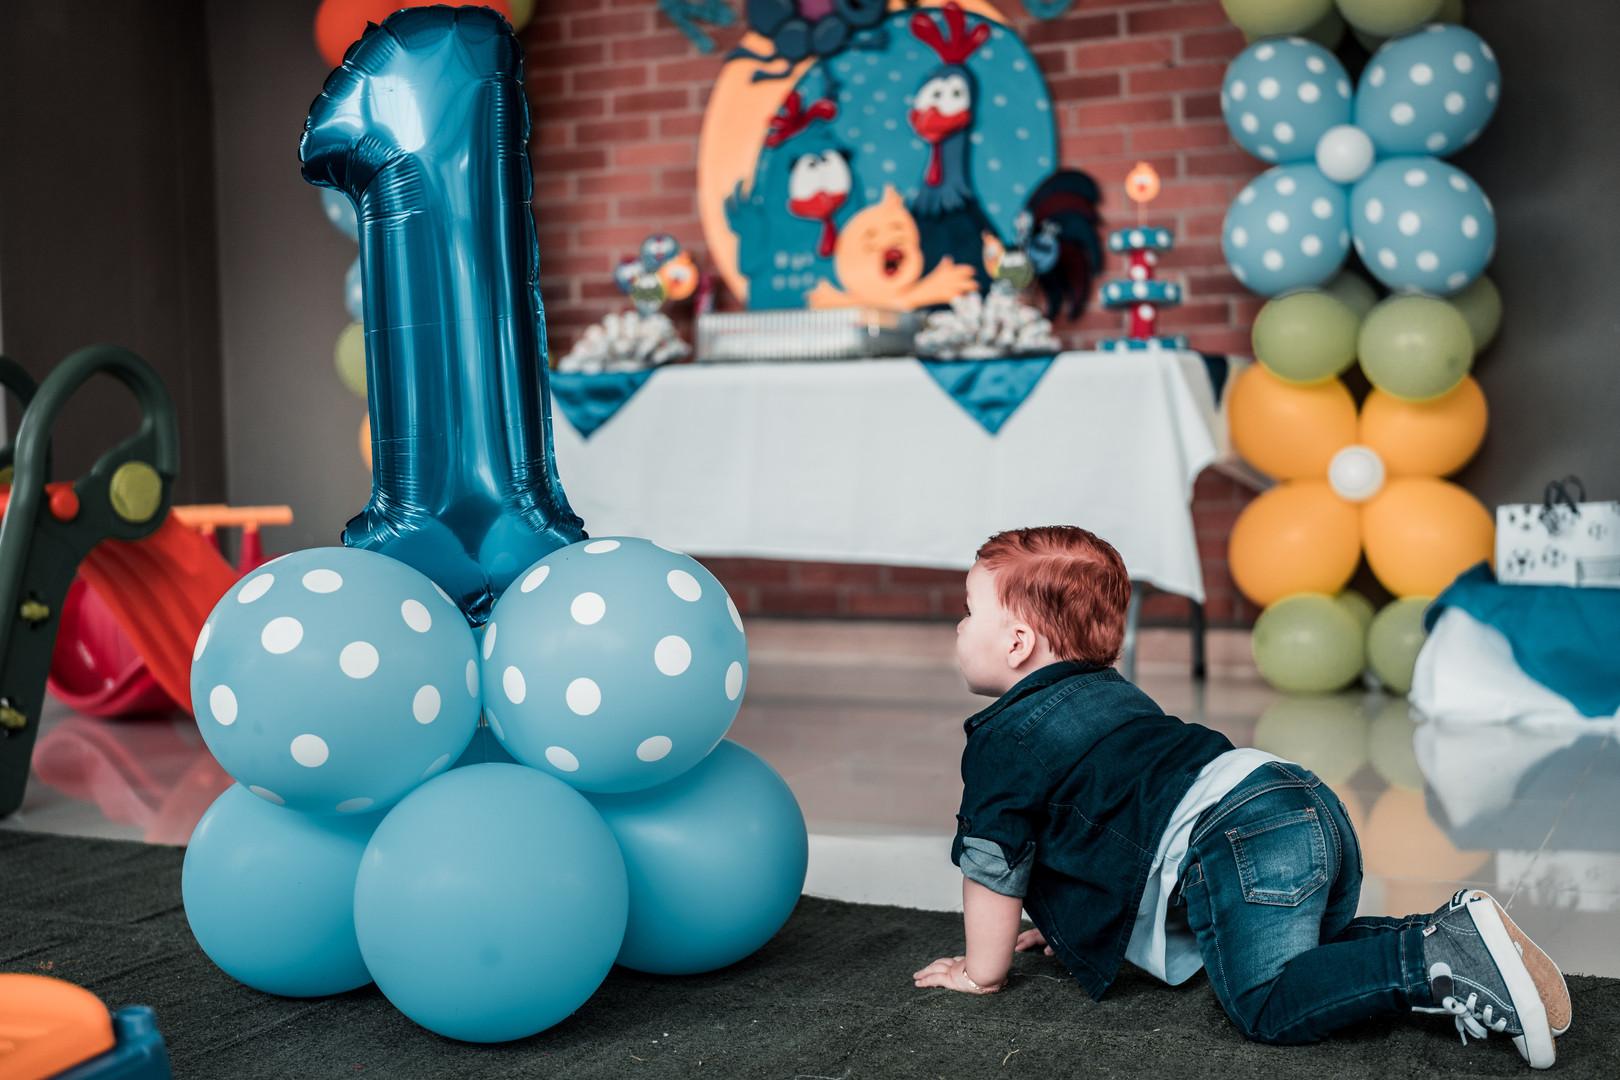 baby-in-blue-denim-jacket-crawling-on-fl